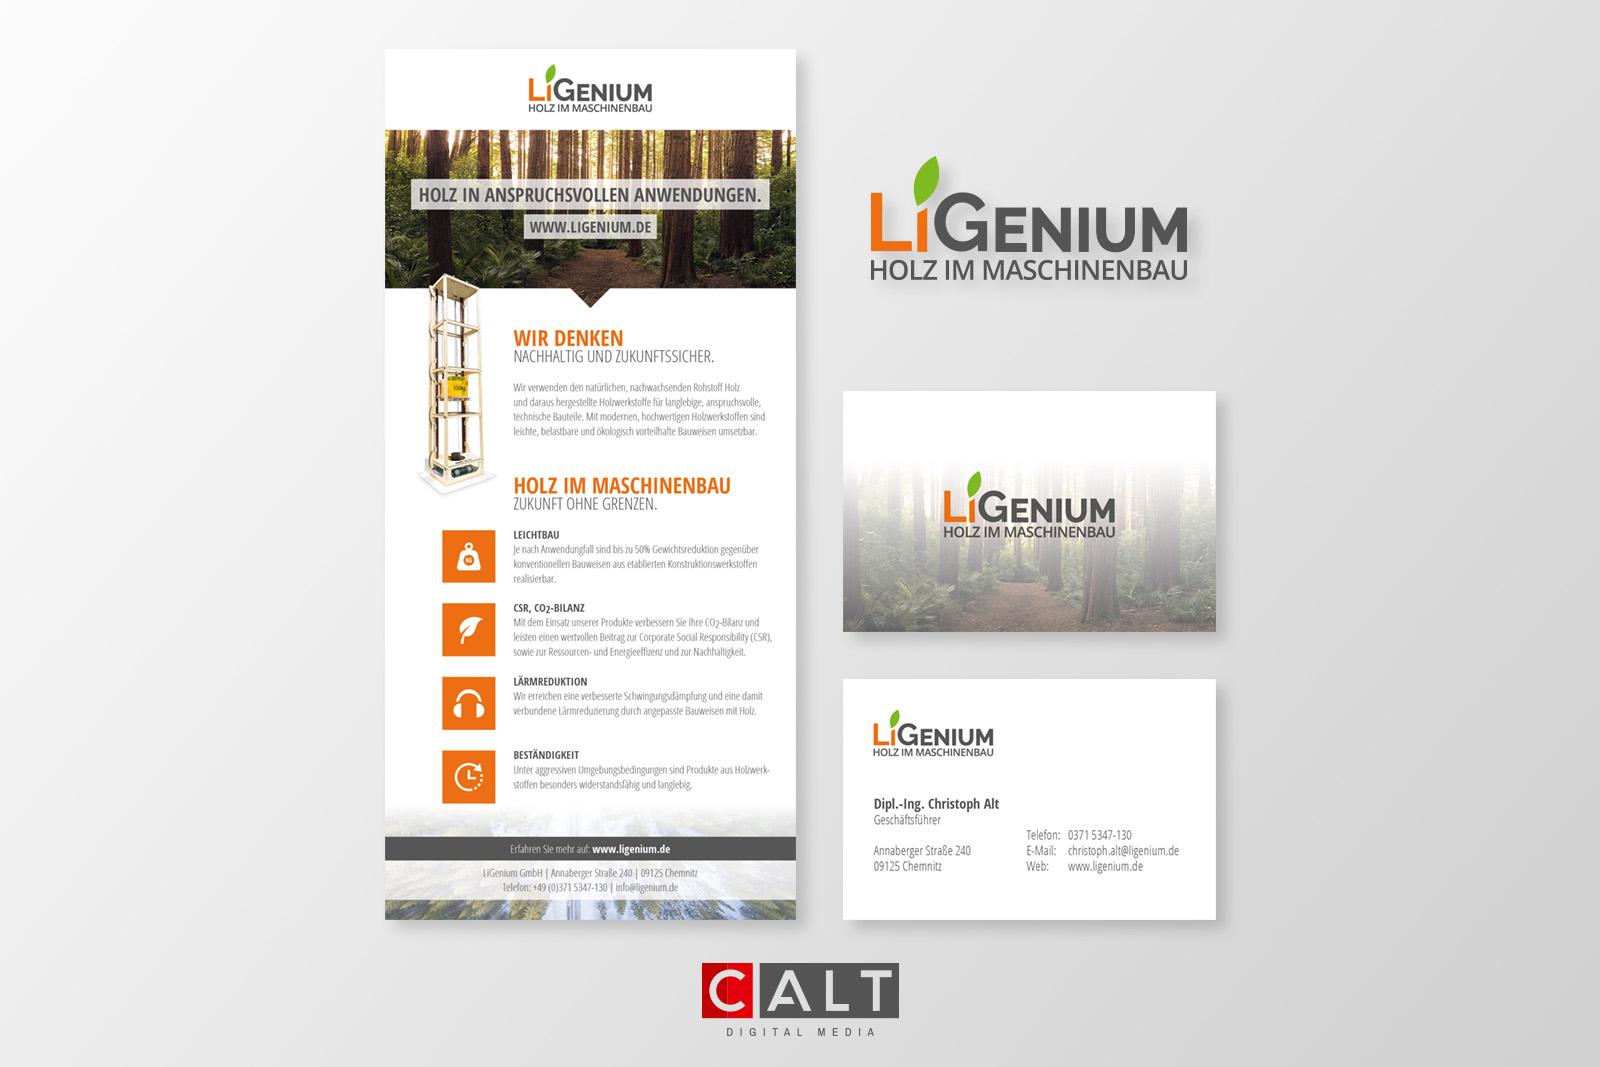 Calt Digital Media Corporate Design Für Ligenium Gmbh